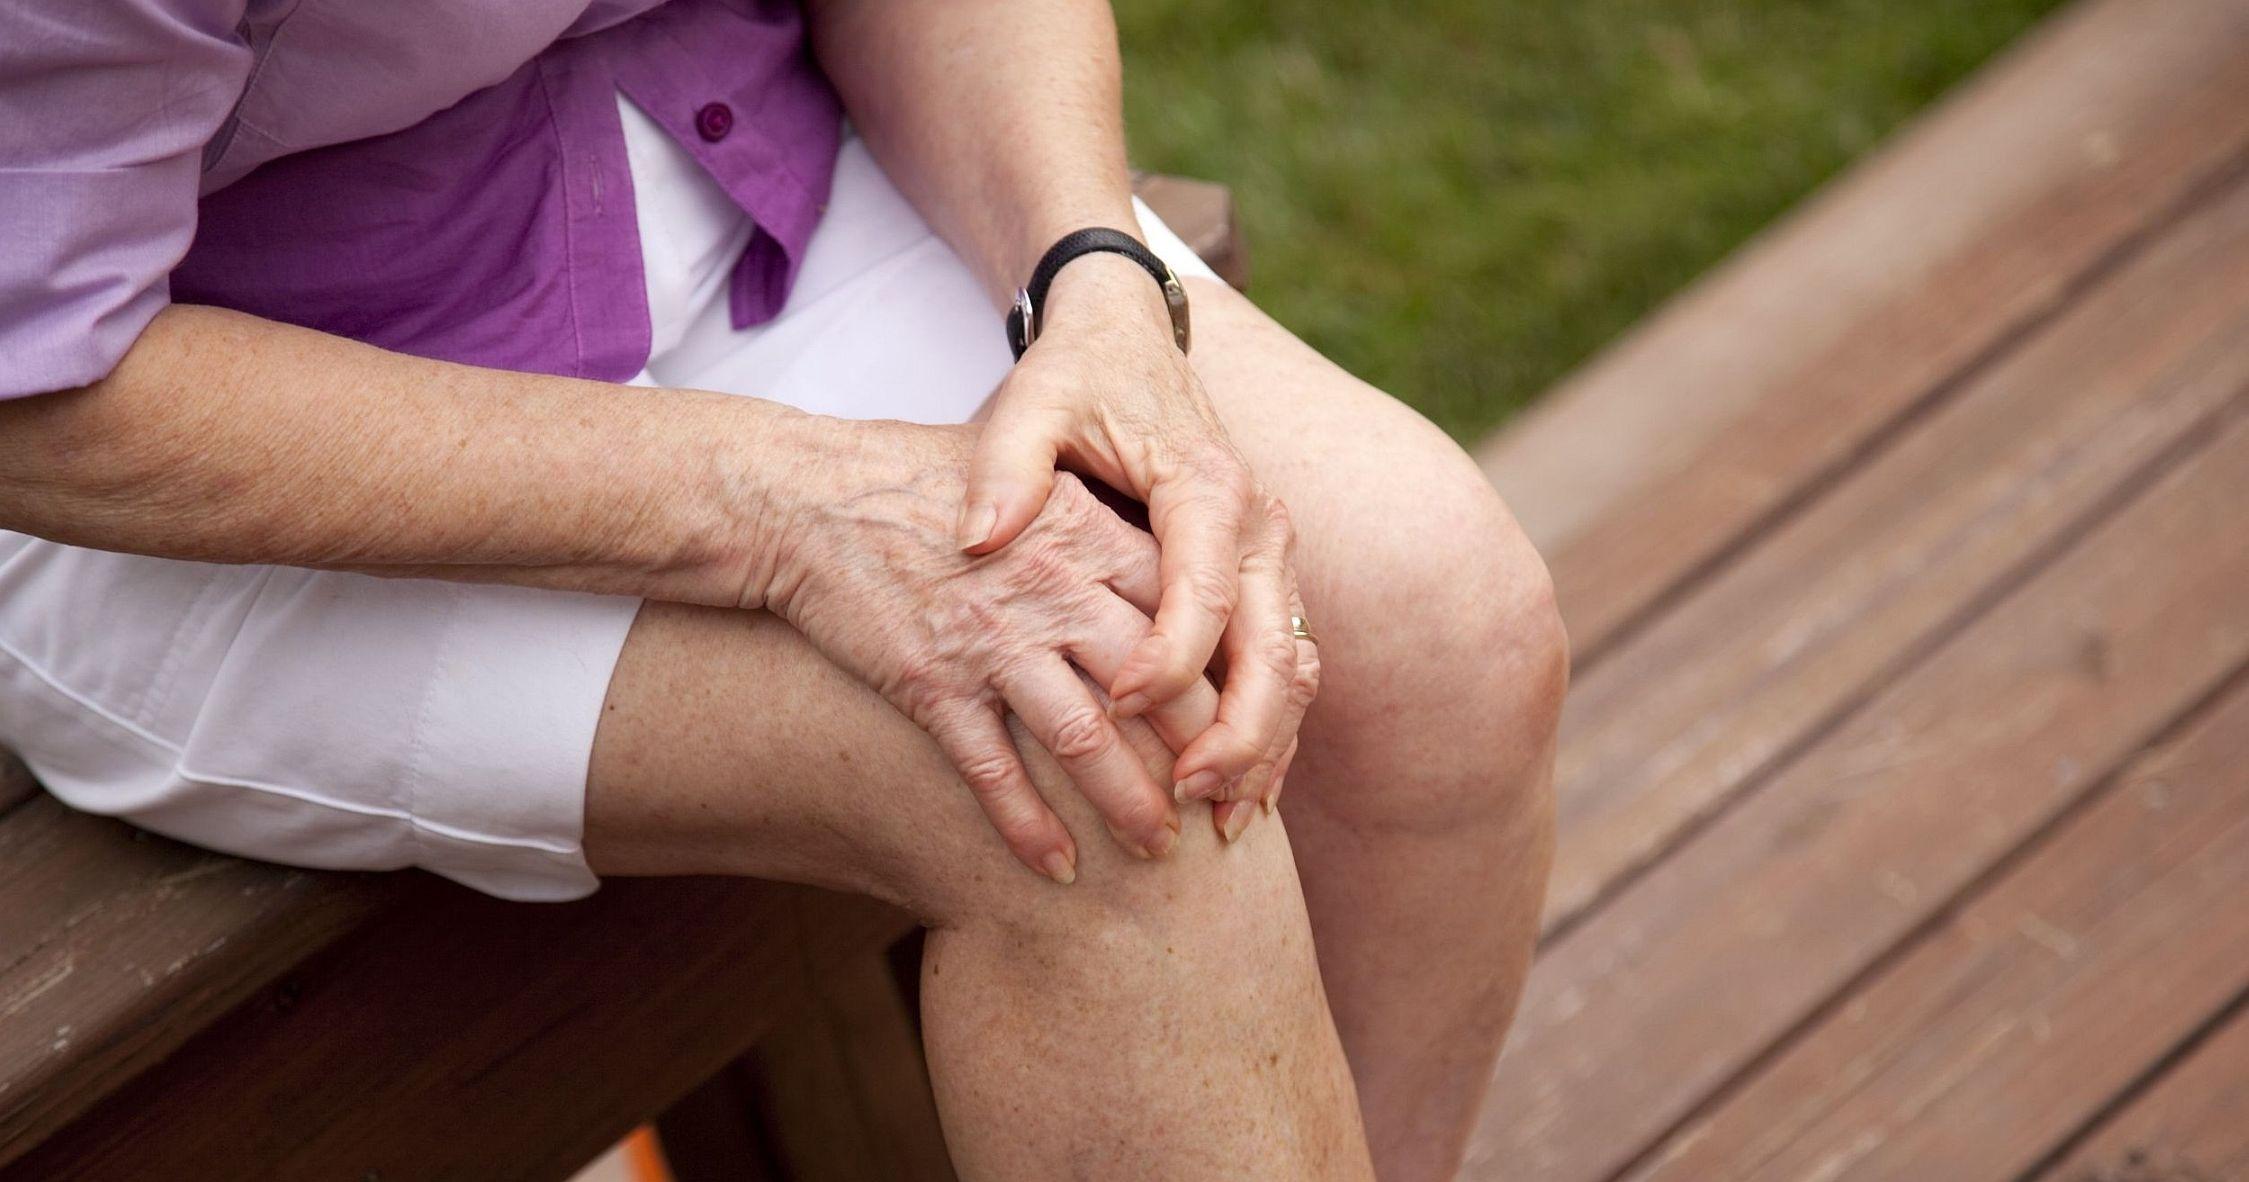 csípőízületek fájdalma az alsó hátfájás miatt